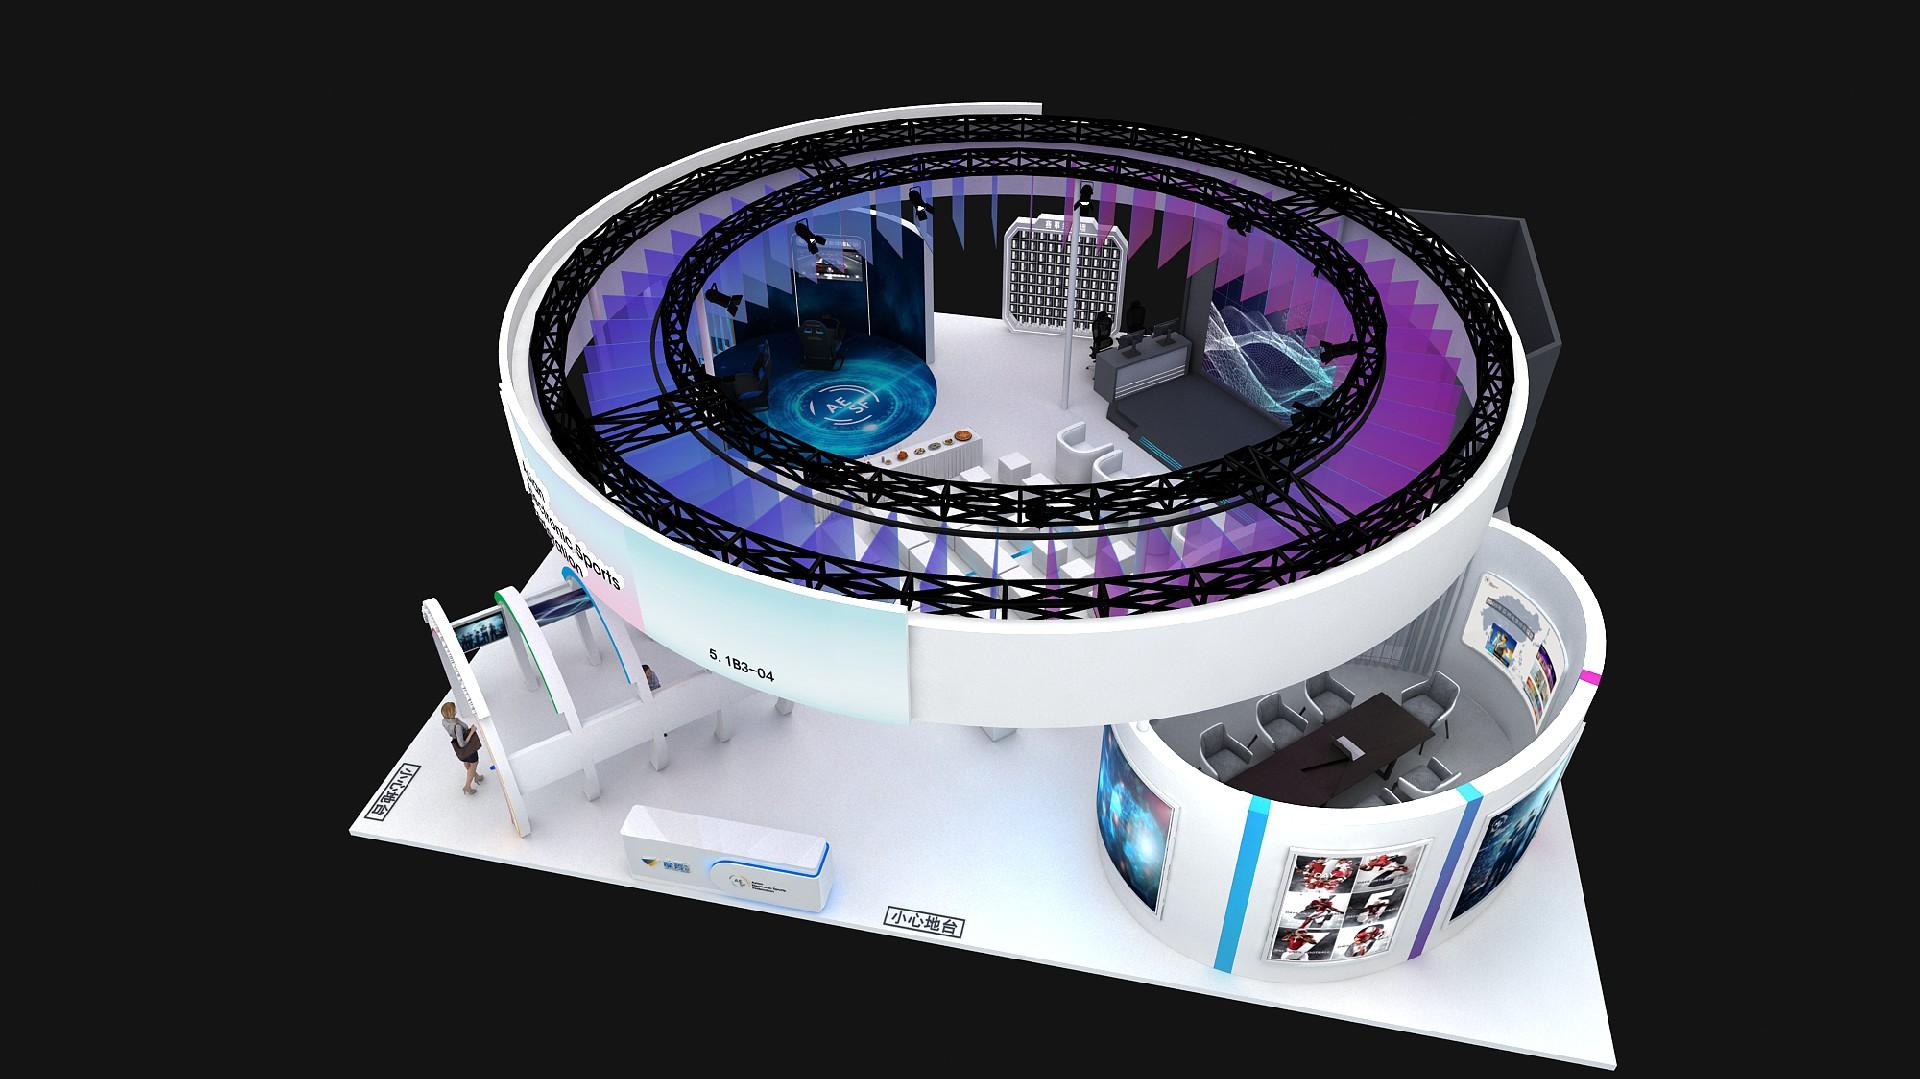 度势体育-第三届进博会展台设计案例